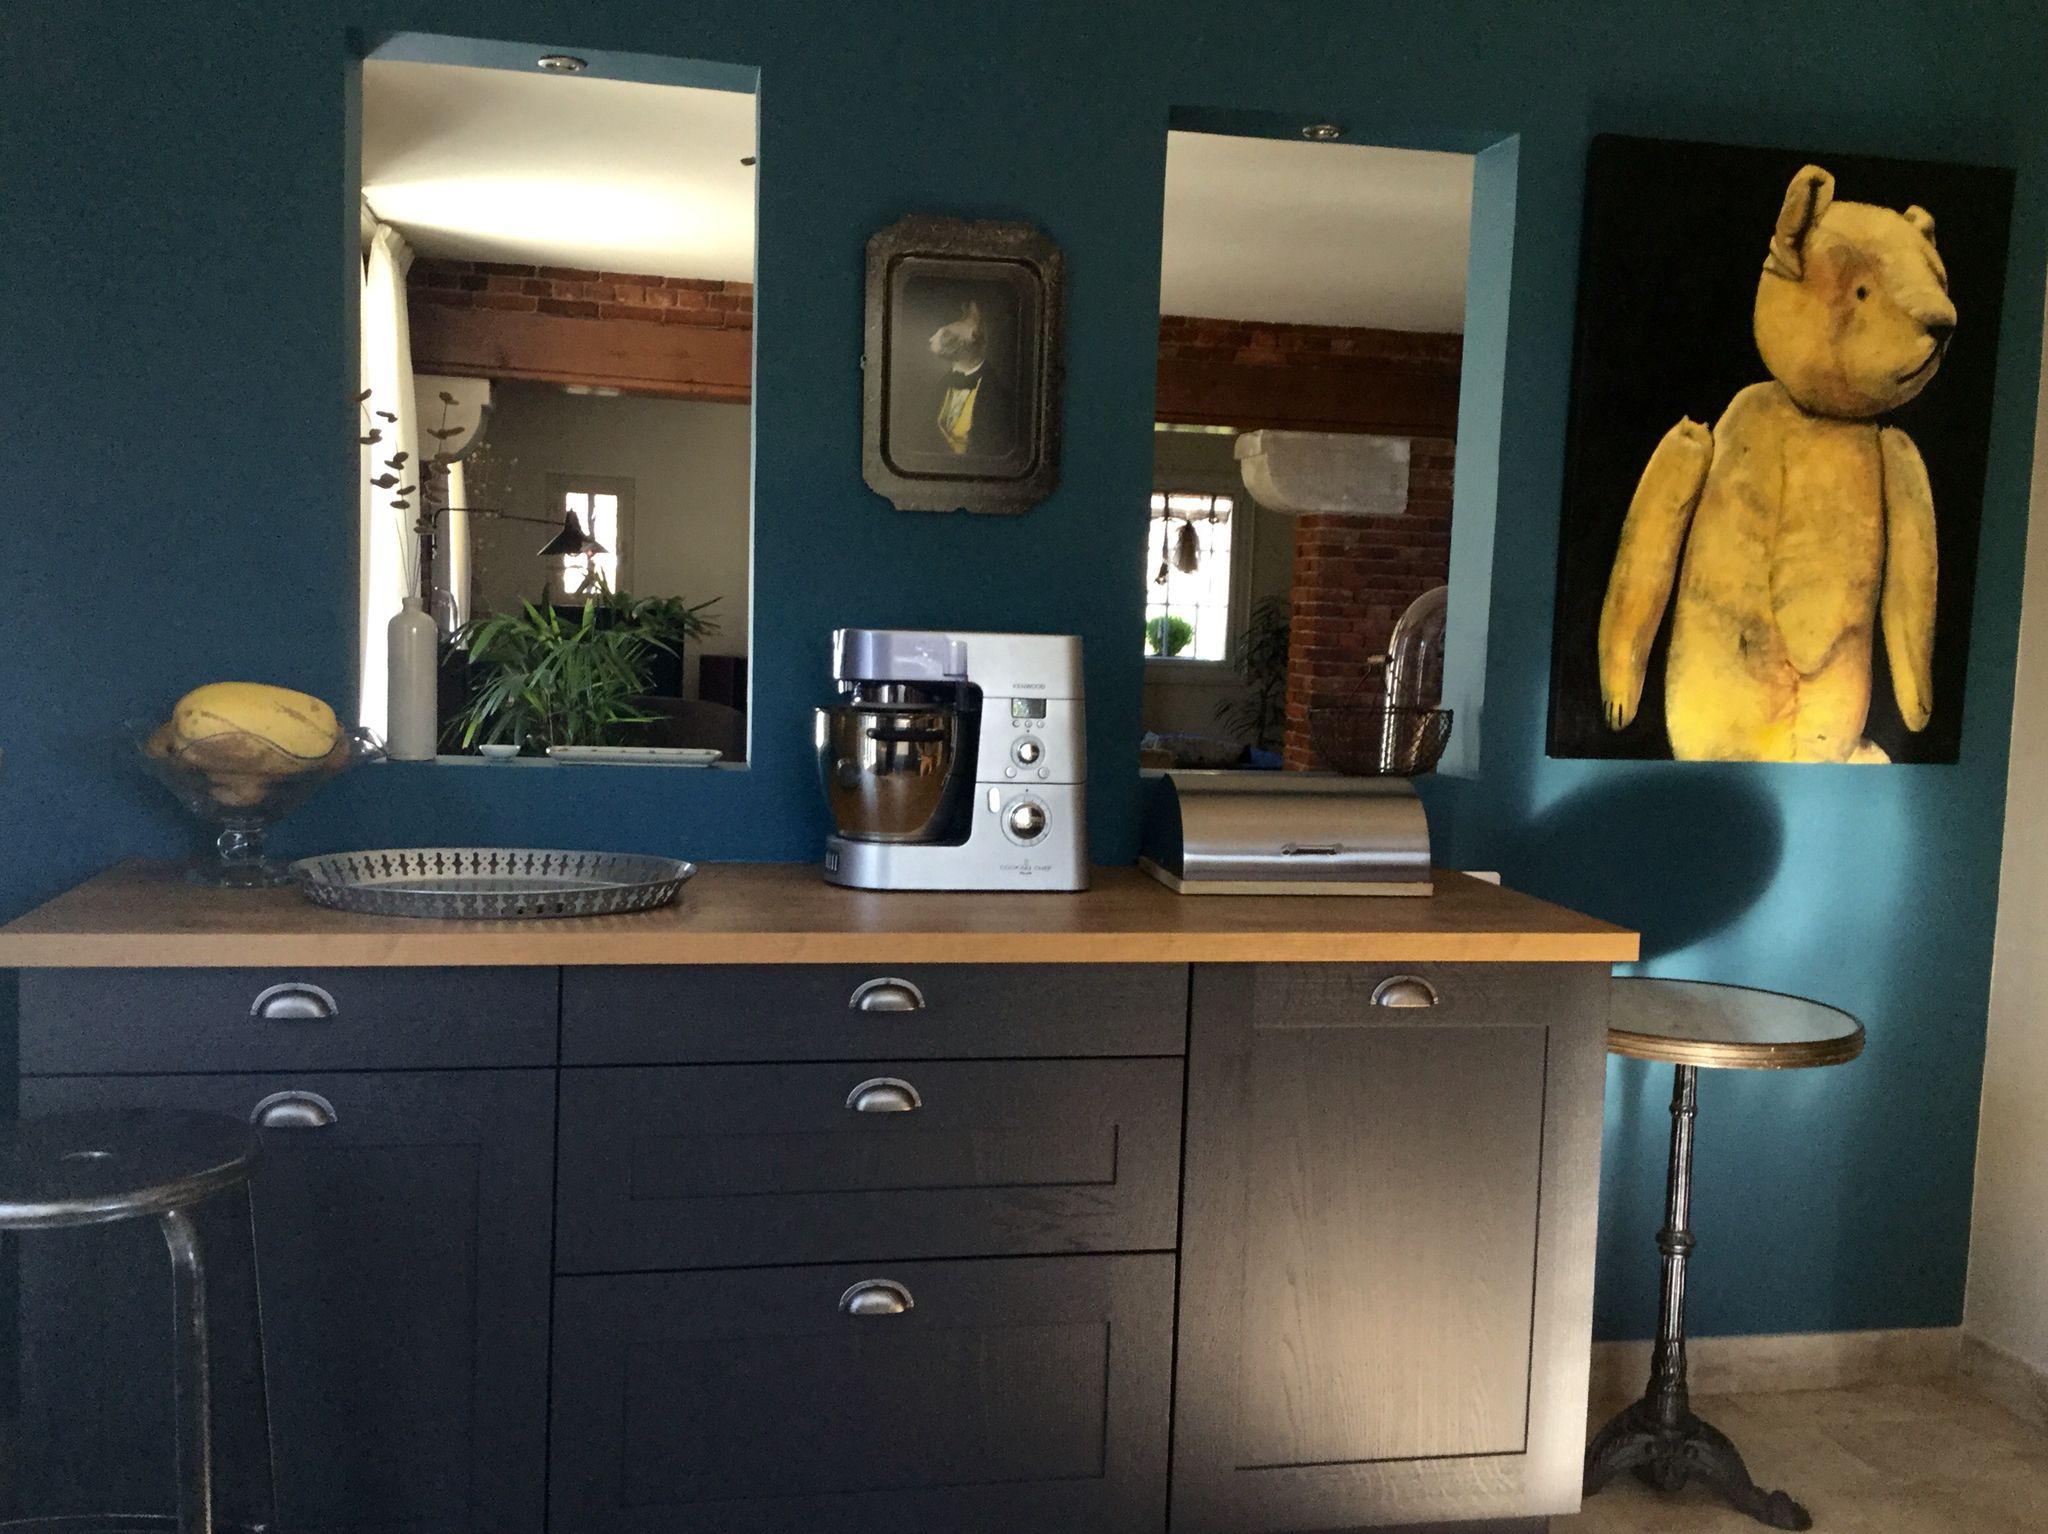 cuisine grise mur bleu canard goa